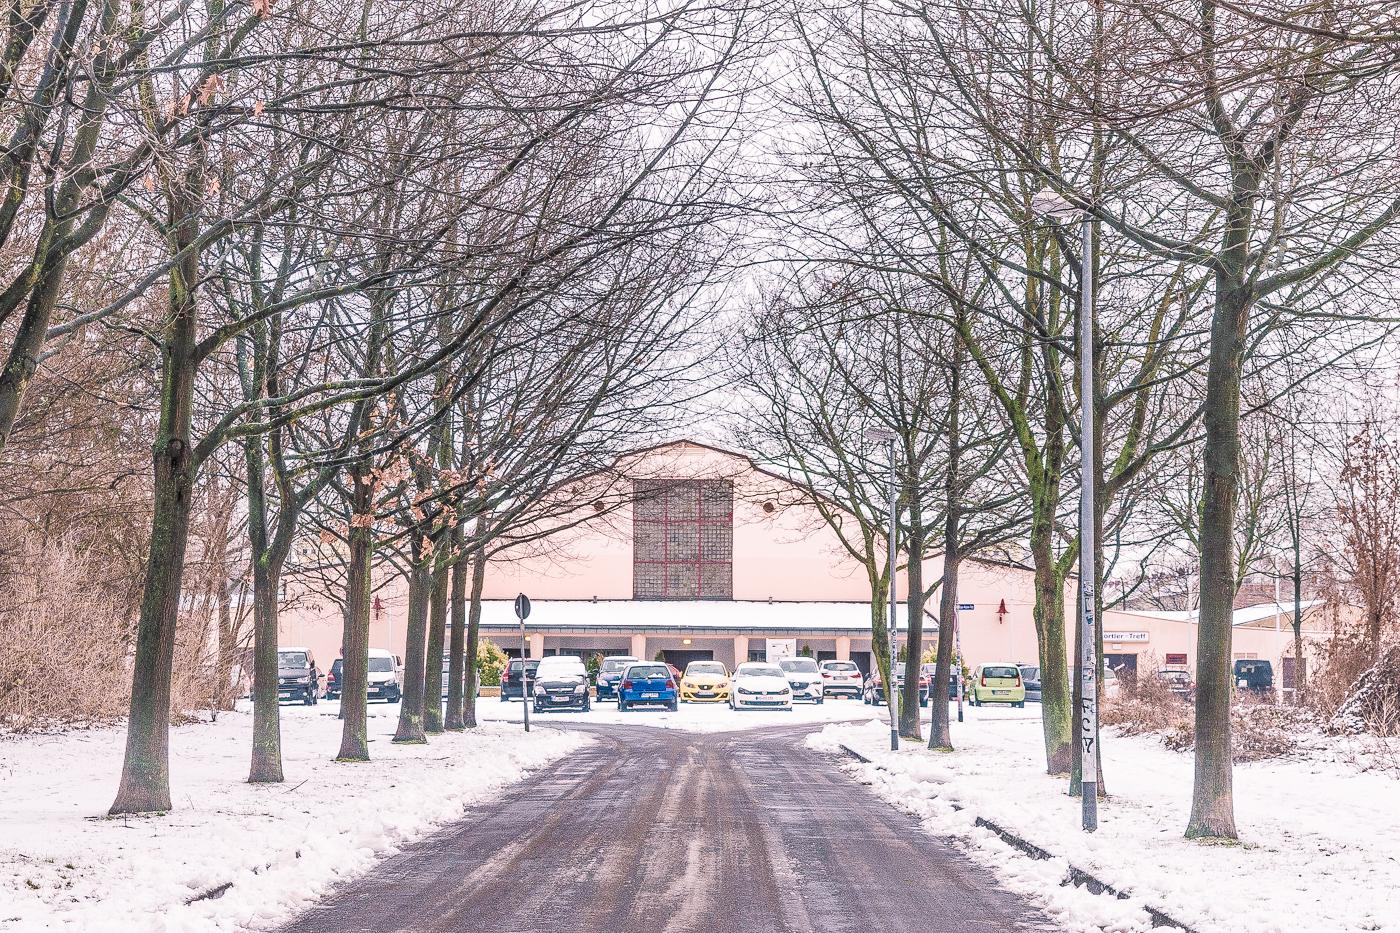 Stadtrat gibt gr nes licht zur auslegung des b plan entwurfes klaus miesner platz magdeburg - Mobelmarkt magdeburg ...